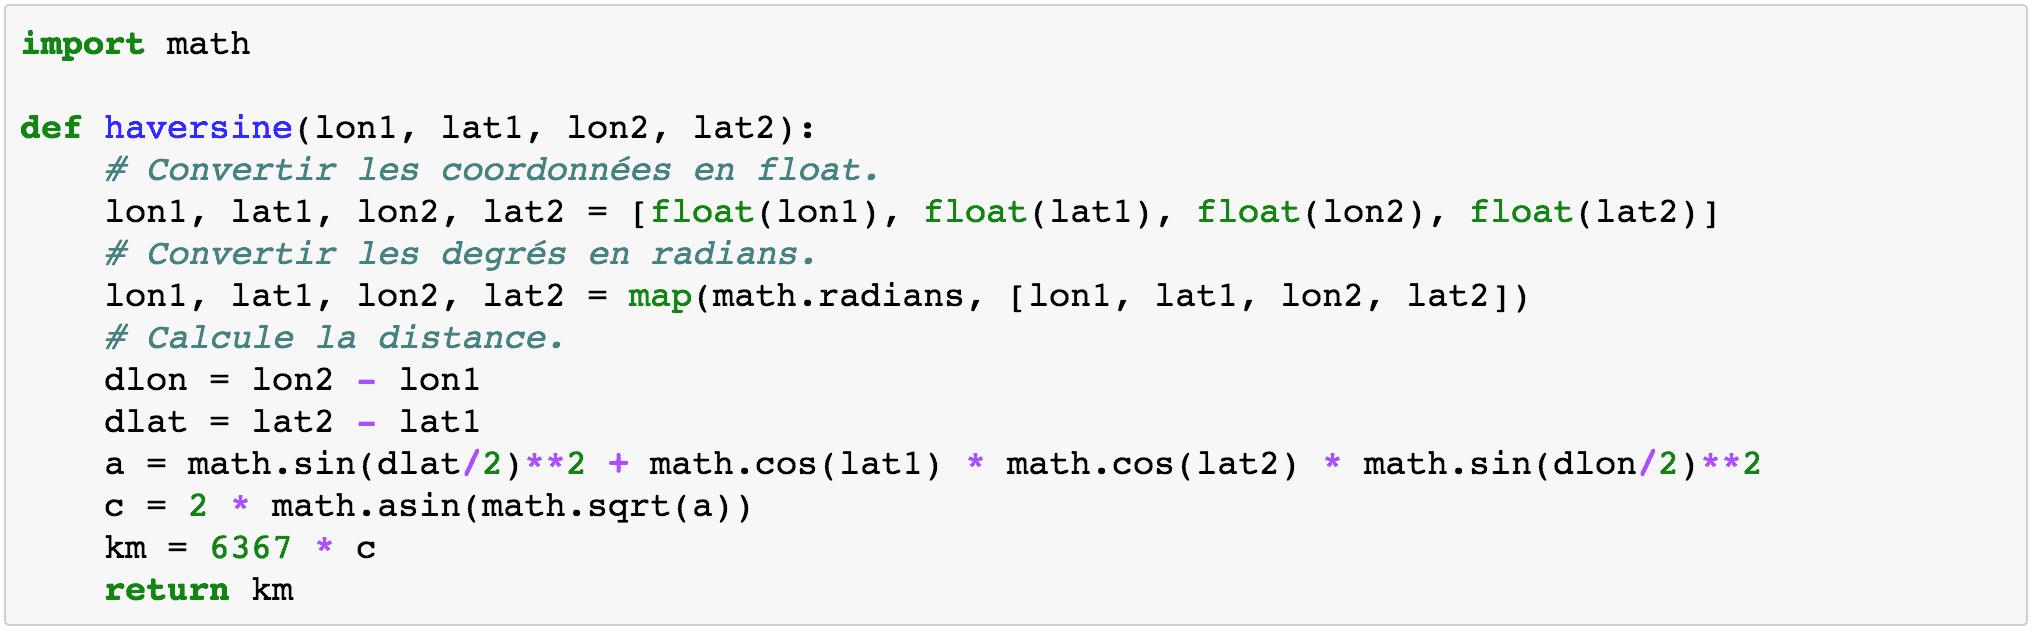 Visualisation de données en Python: comparaison d'outils 6